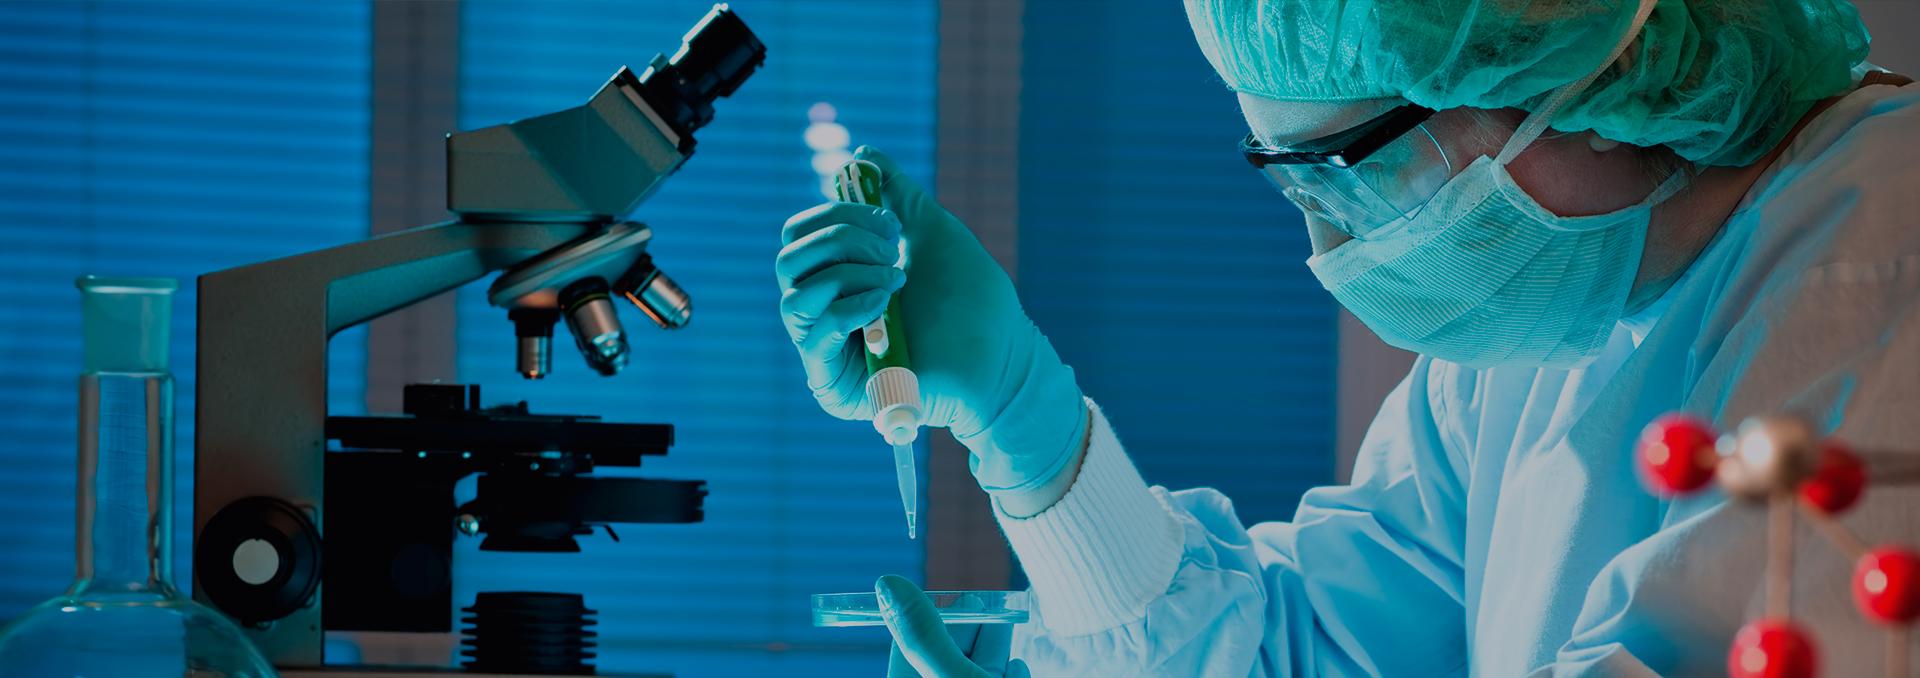 Consorcio chileno de Biomedicina registra 14 invenciones científicas en cuatro continentes